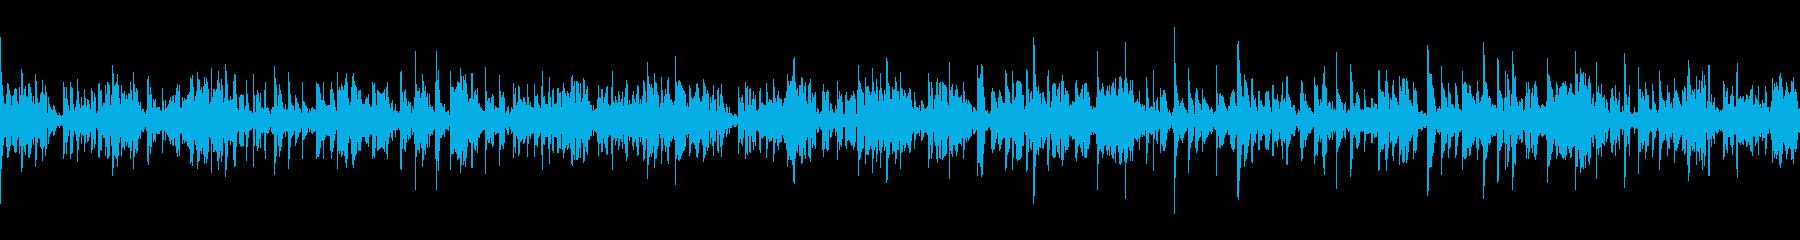 星空を連想する幻想的BGM(ループ仕様)の再生済みの波形